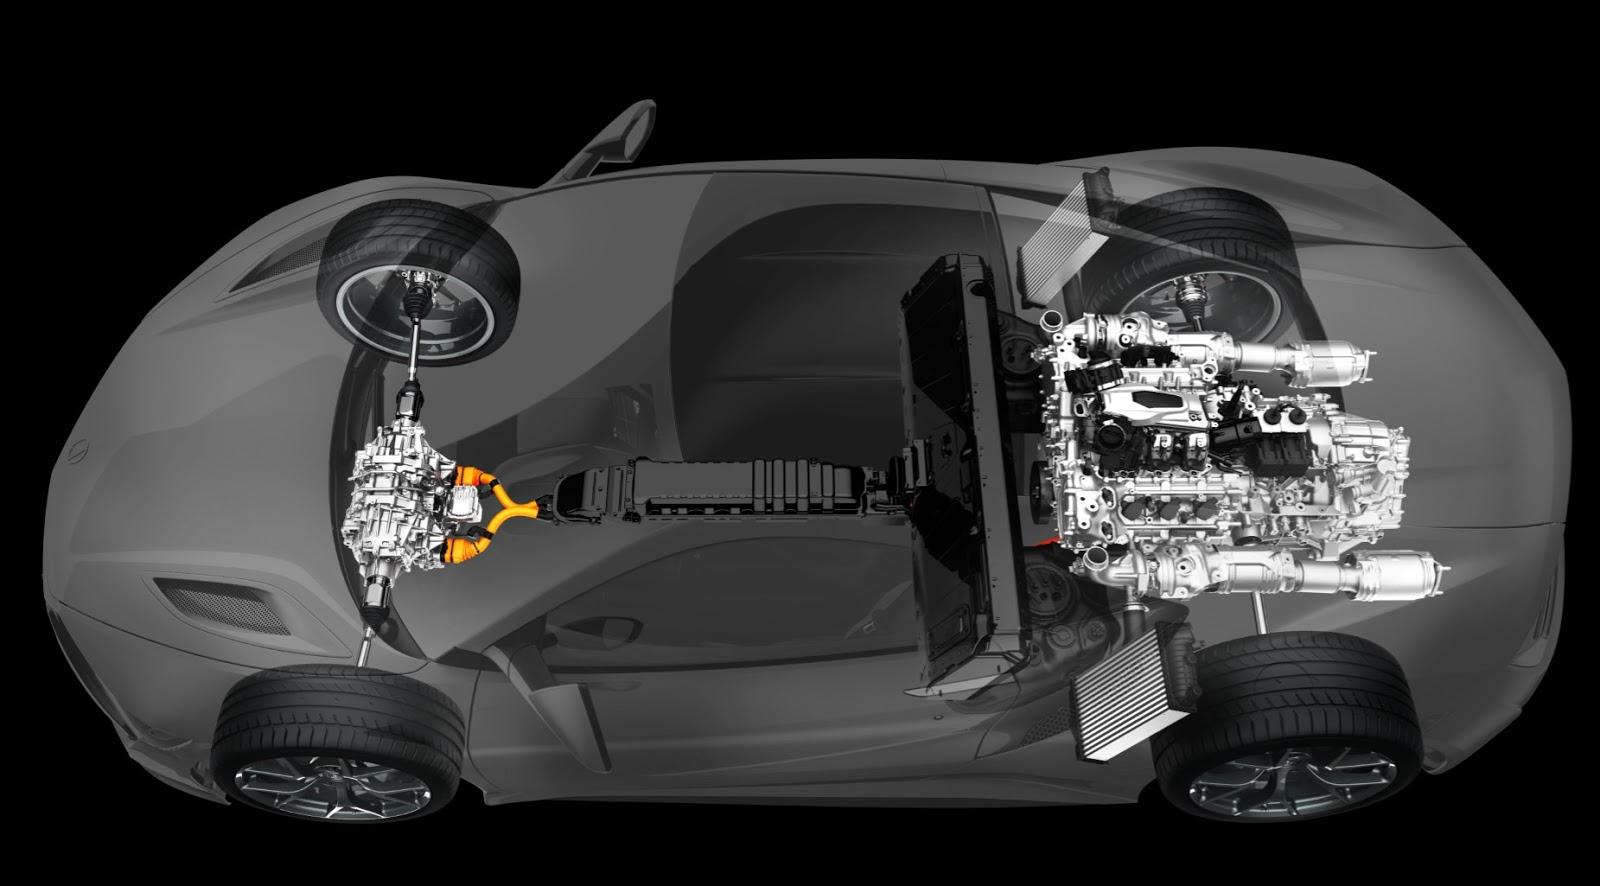 54637 2015 Honda NSX SAE Honda NSX: Ακτινογραφώντας το τέρας car, cars, Honda, Honda NSX, NSX, zblog, ιπποδύναμη, μεταχειρισμένο, πισωκίνητο, τετρακίνητο, υβριδικό, Χοντα, ψαρ